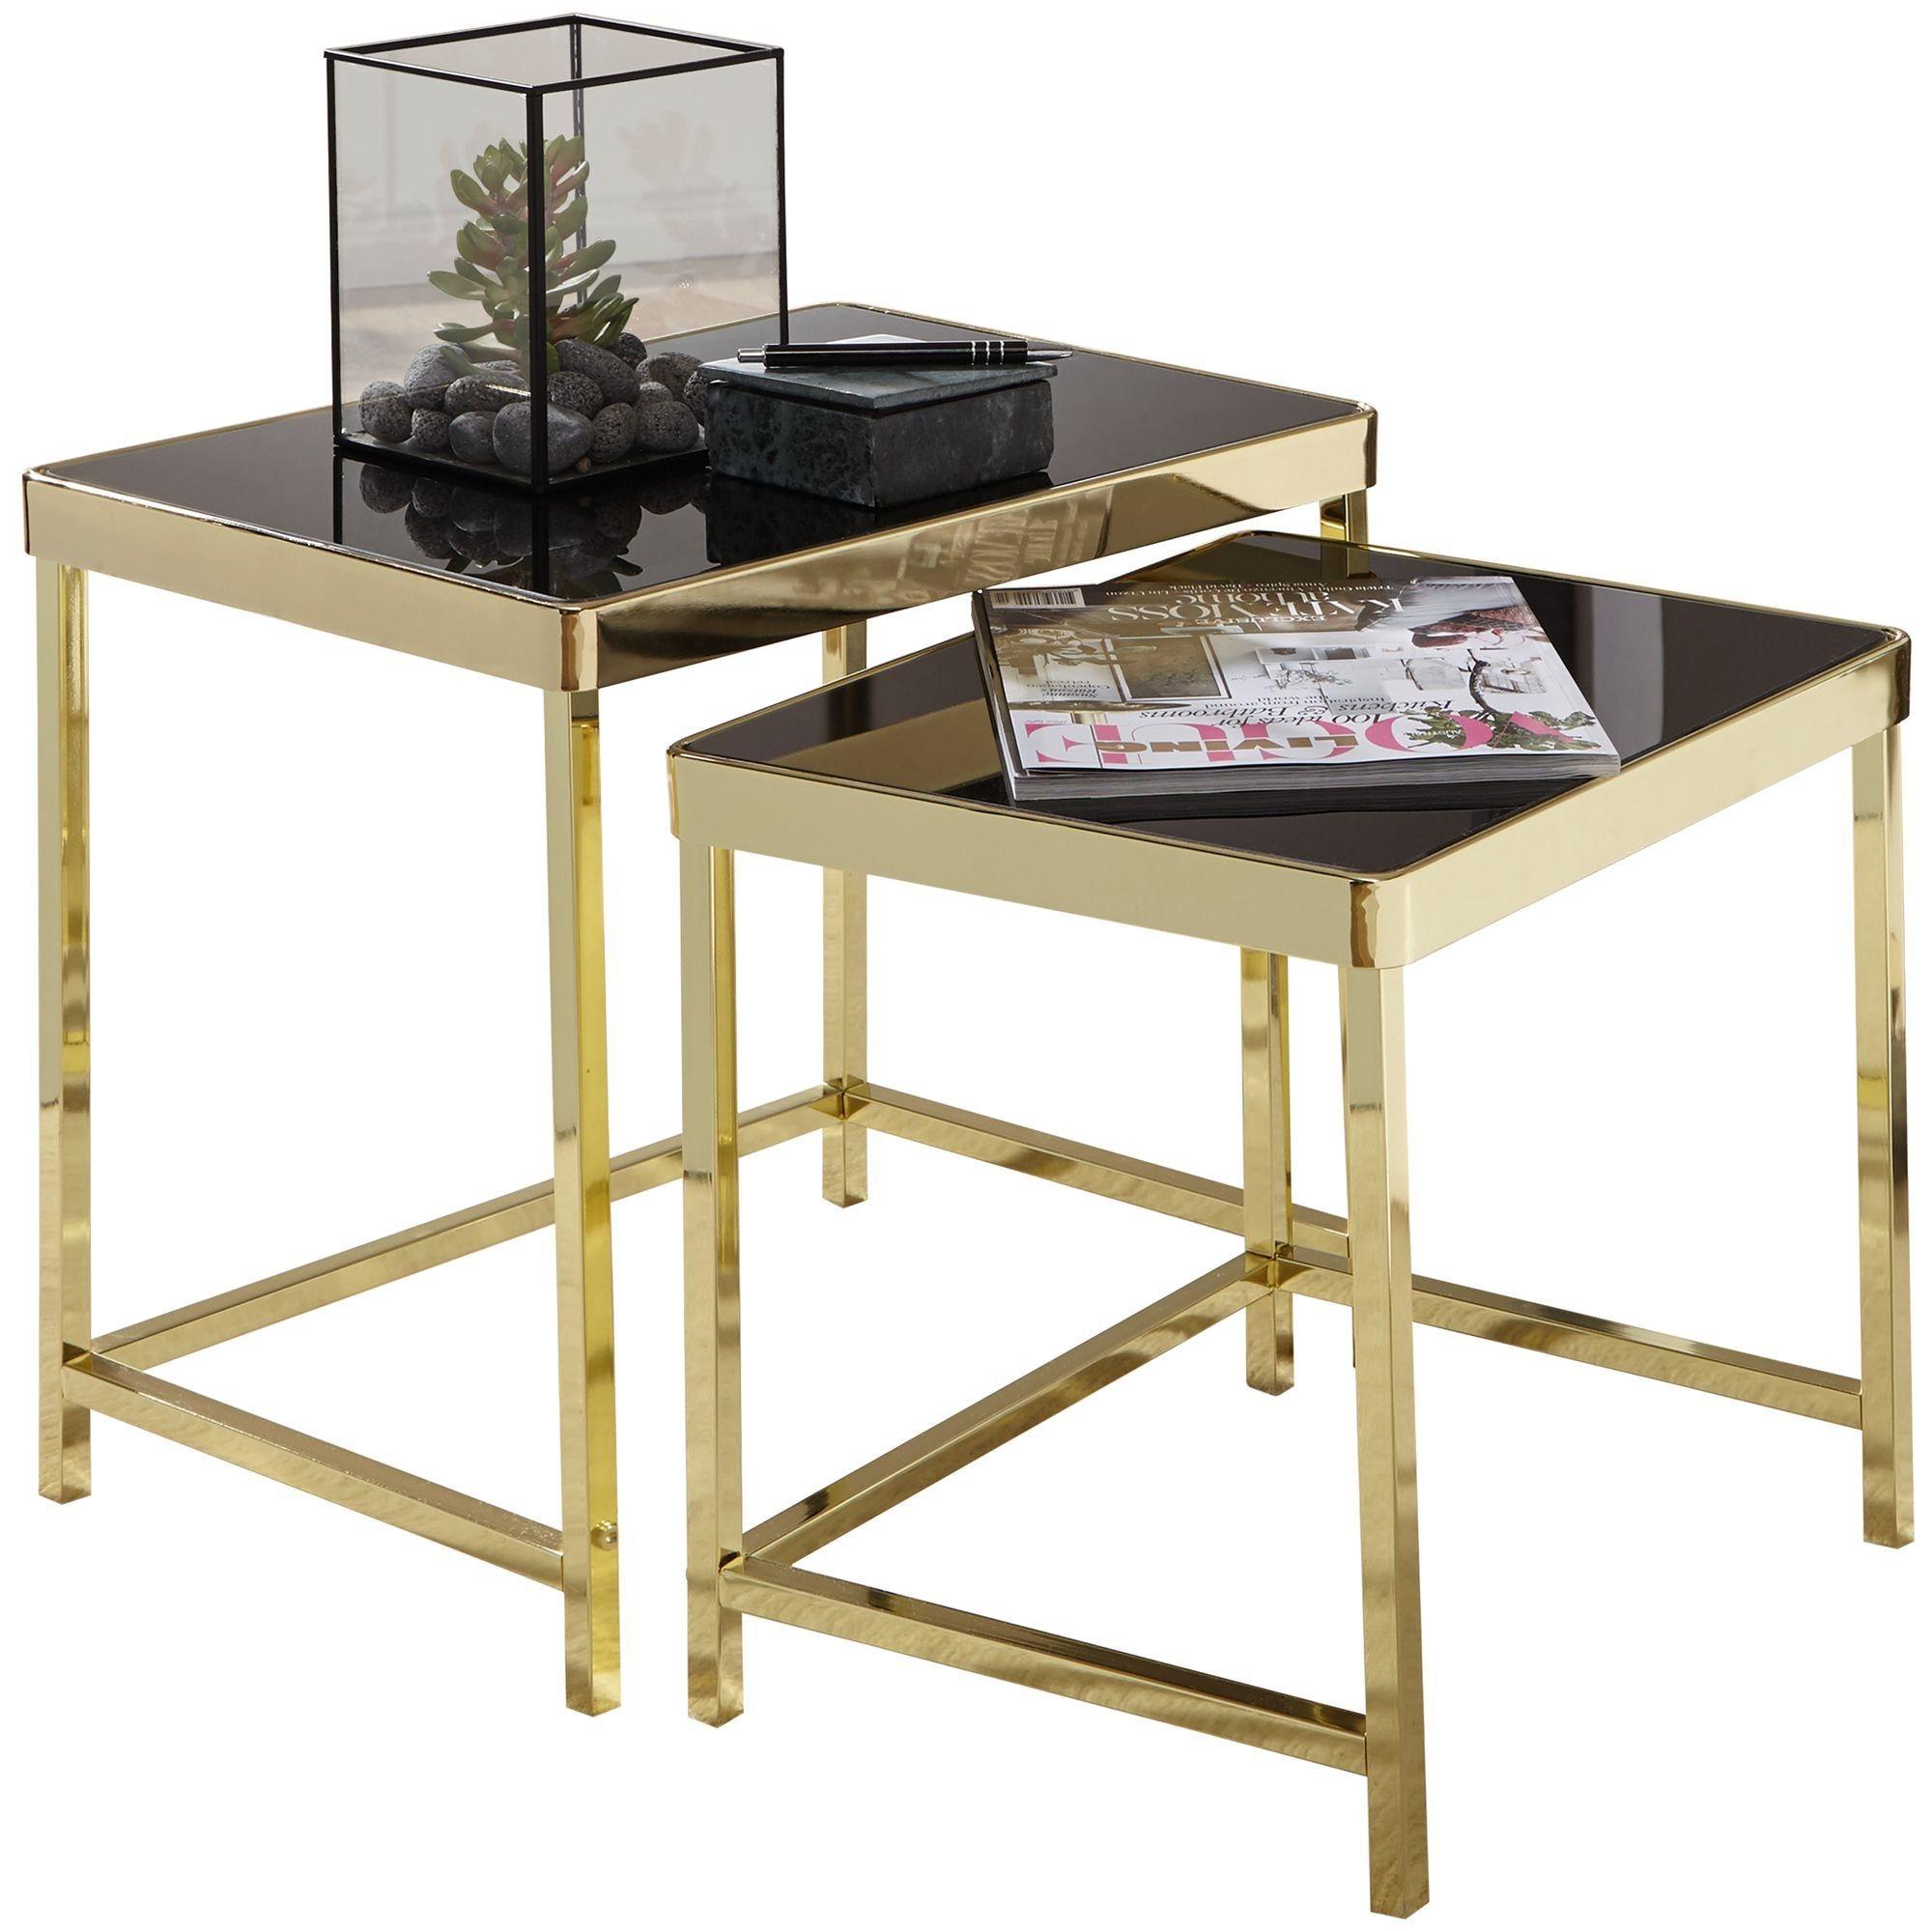 Satztisch »WL5.778«, VIOLA Schwarz / Gold Beistelltisch Metall/Glas Couchtisch Set aus 2 Tischen Kleiner Wohnzimmertisch Metalltisch mit